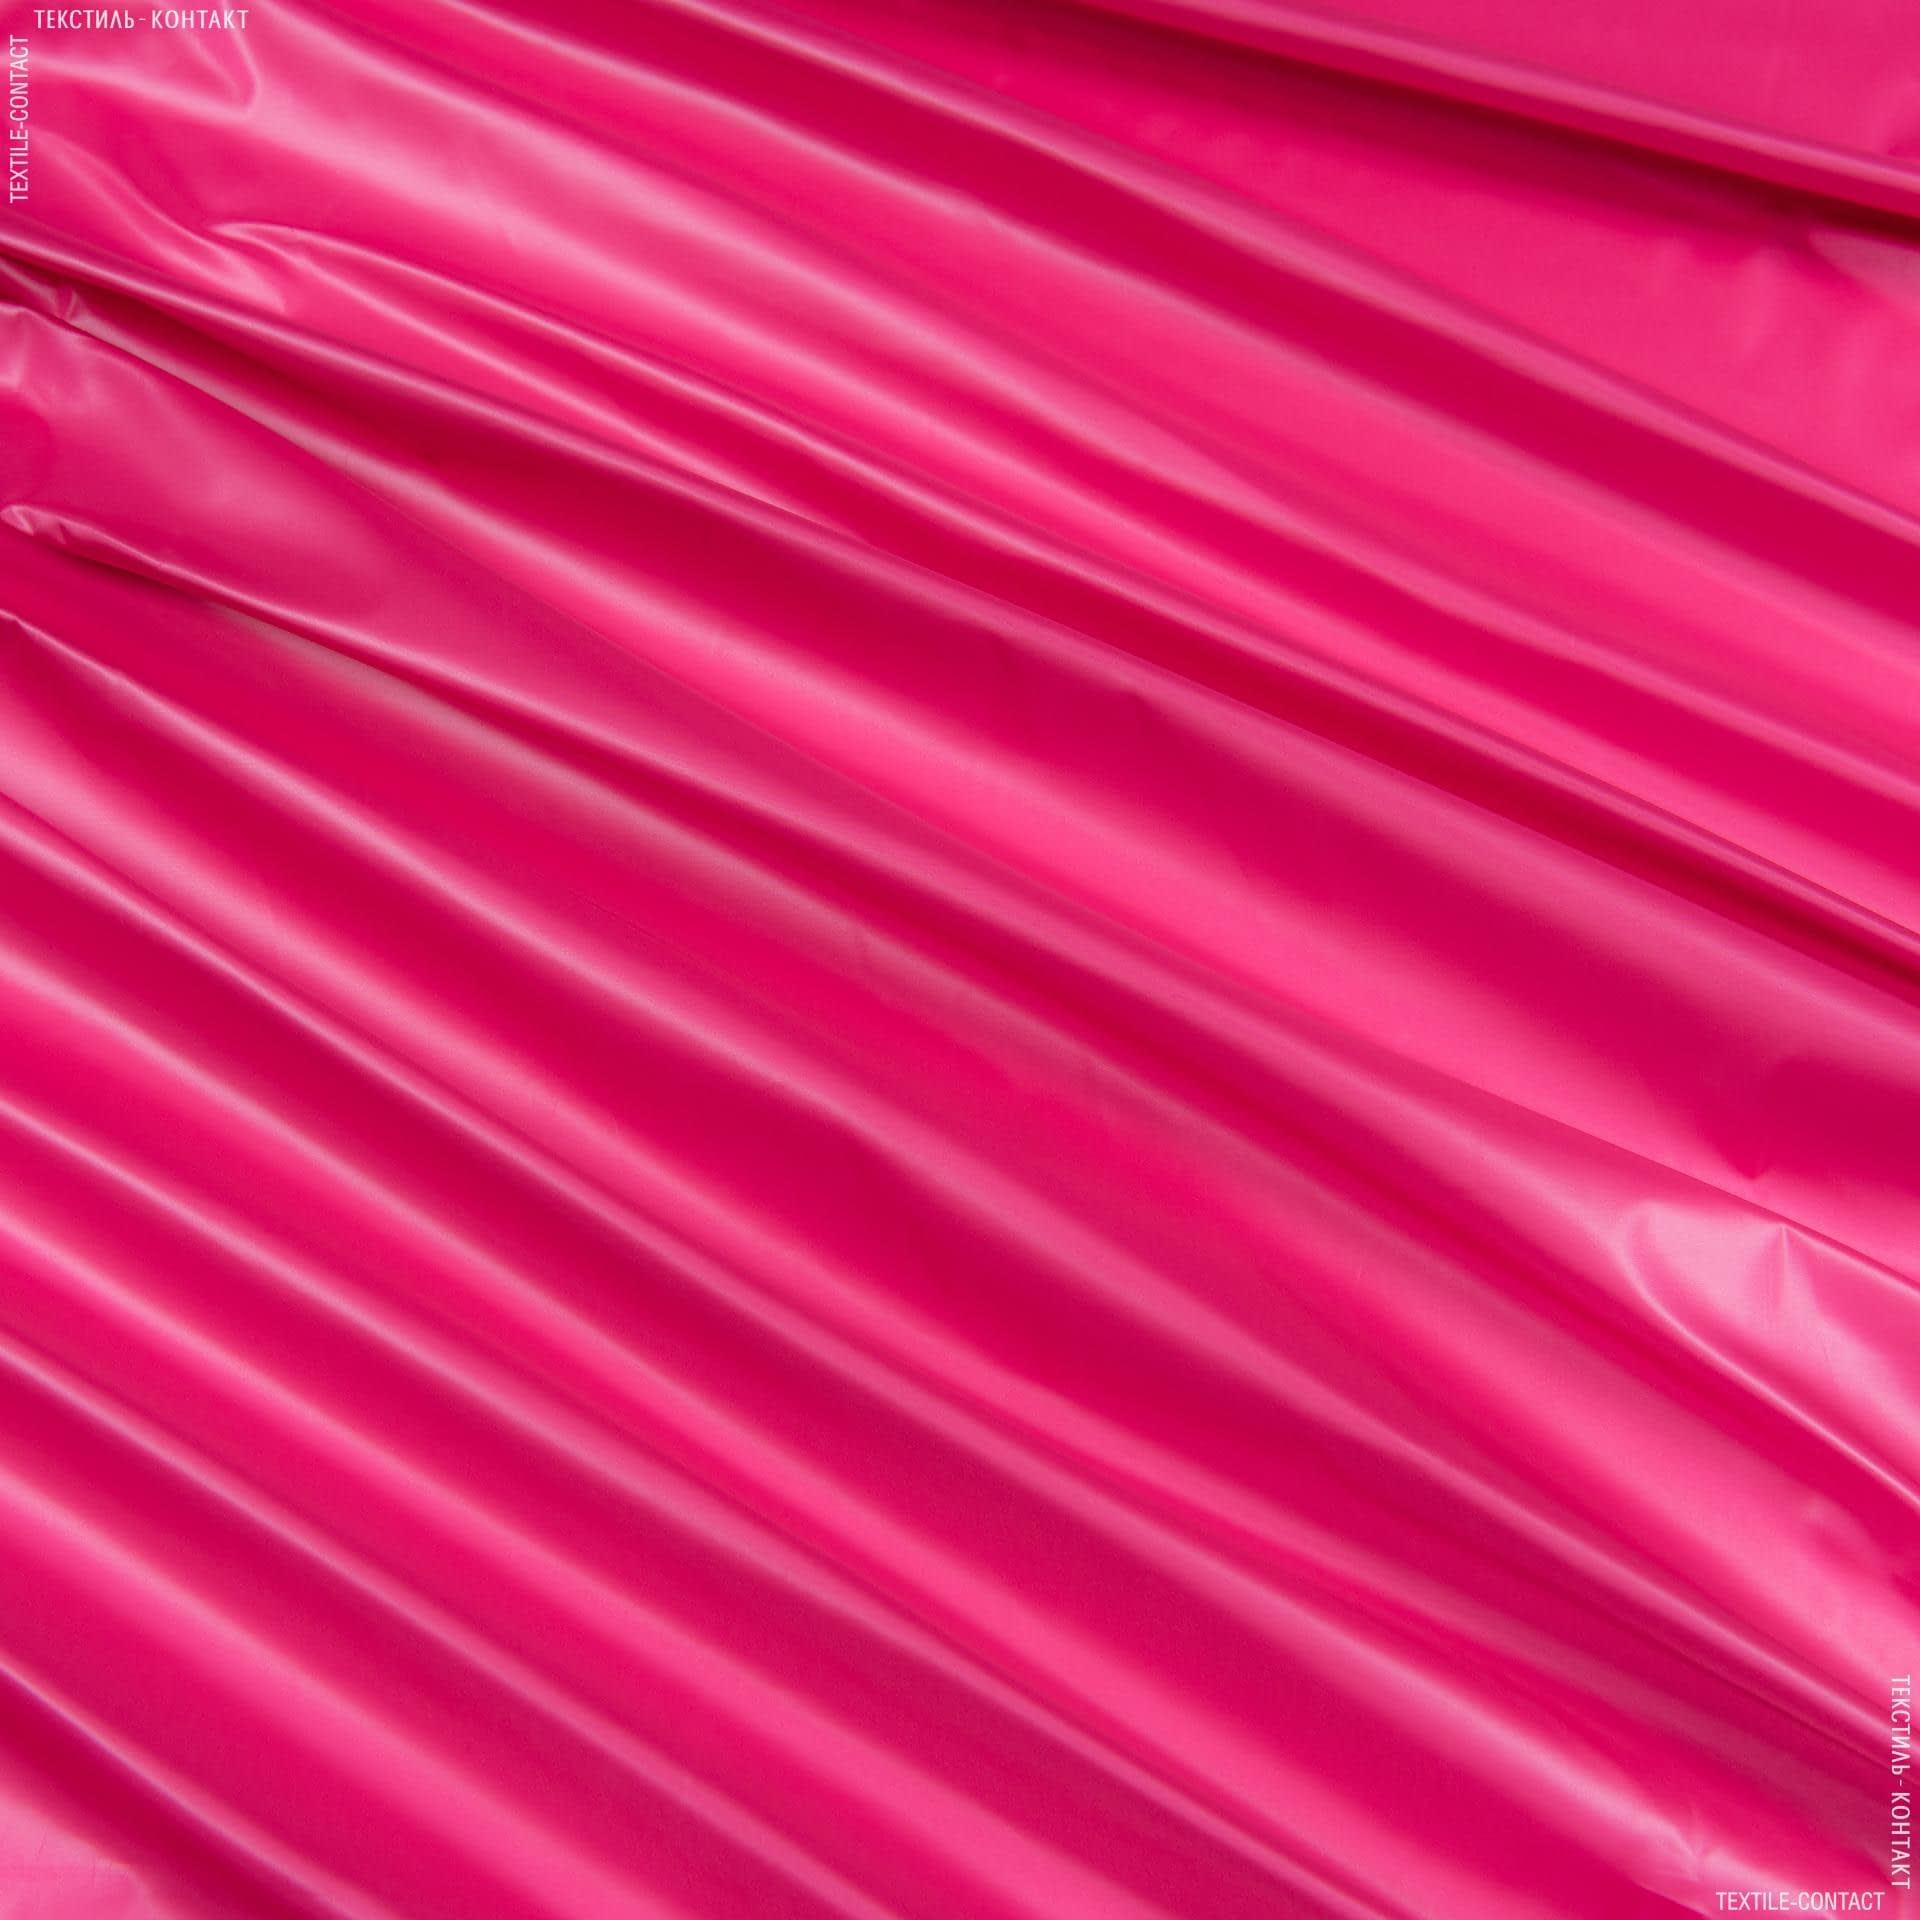 Ткани для верхней одежды - Плащевая руби лаке малина